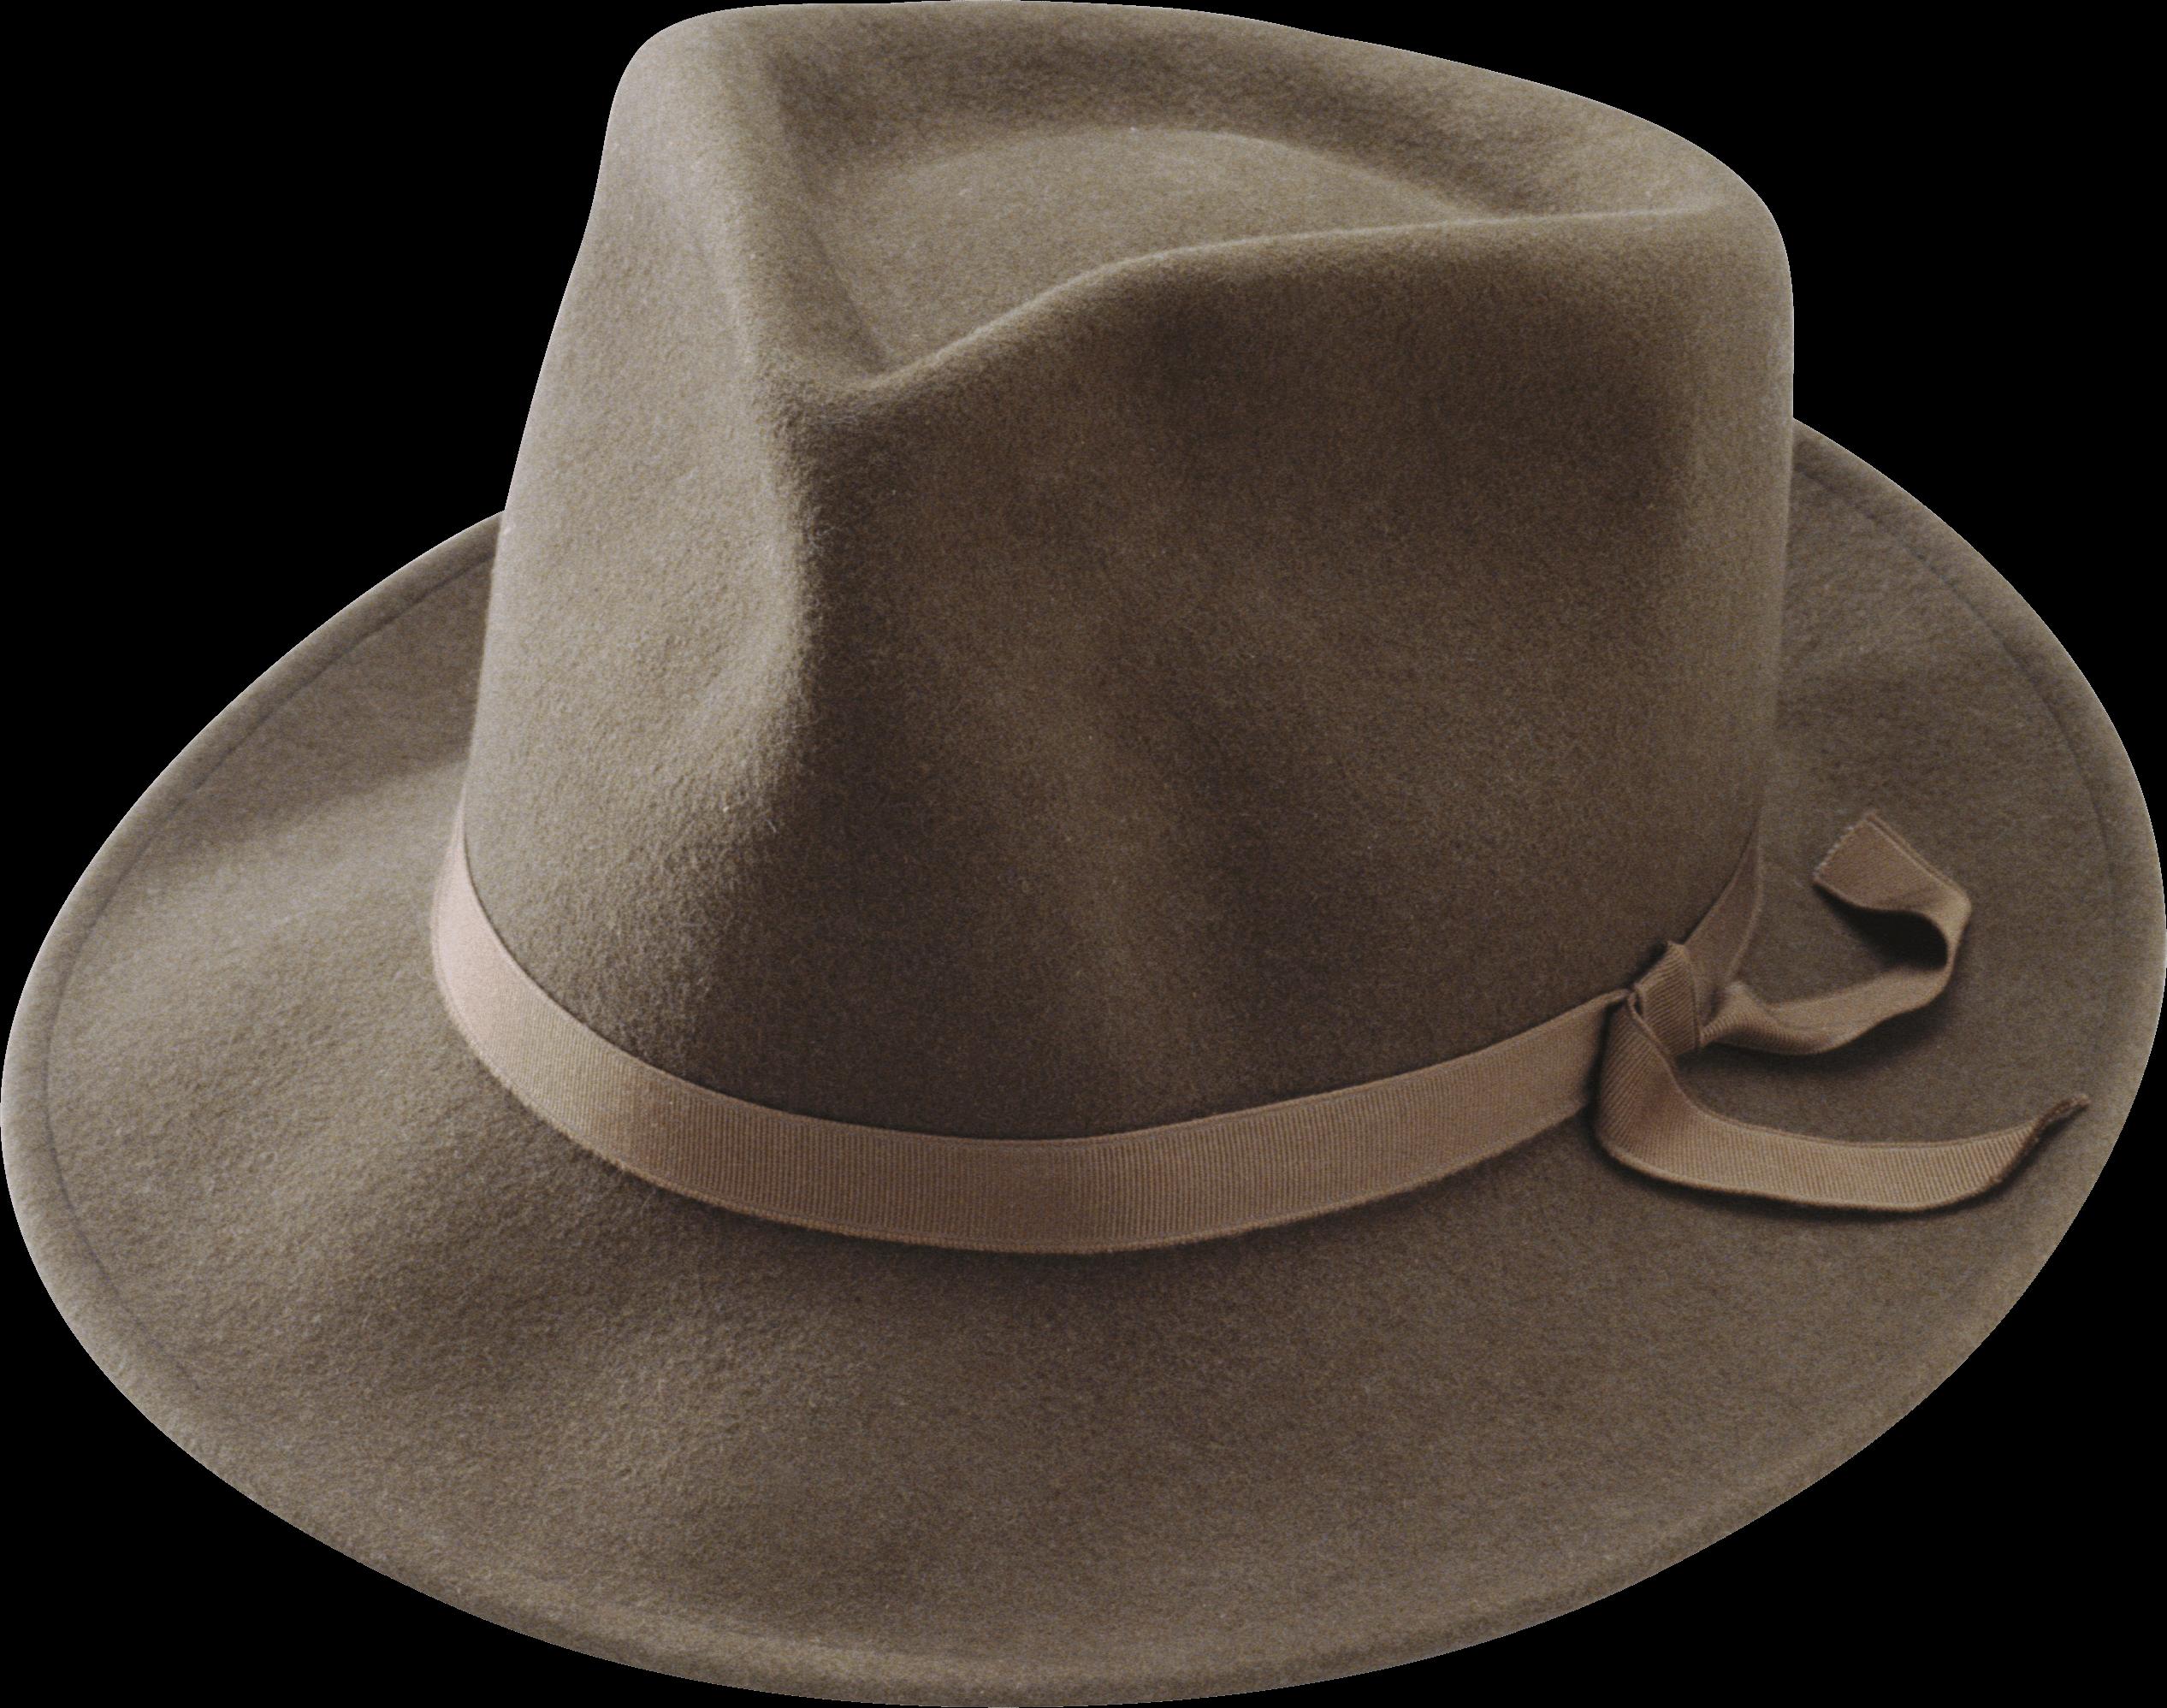 Lady Hat - Cowboy Hat PNG